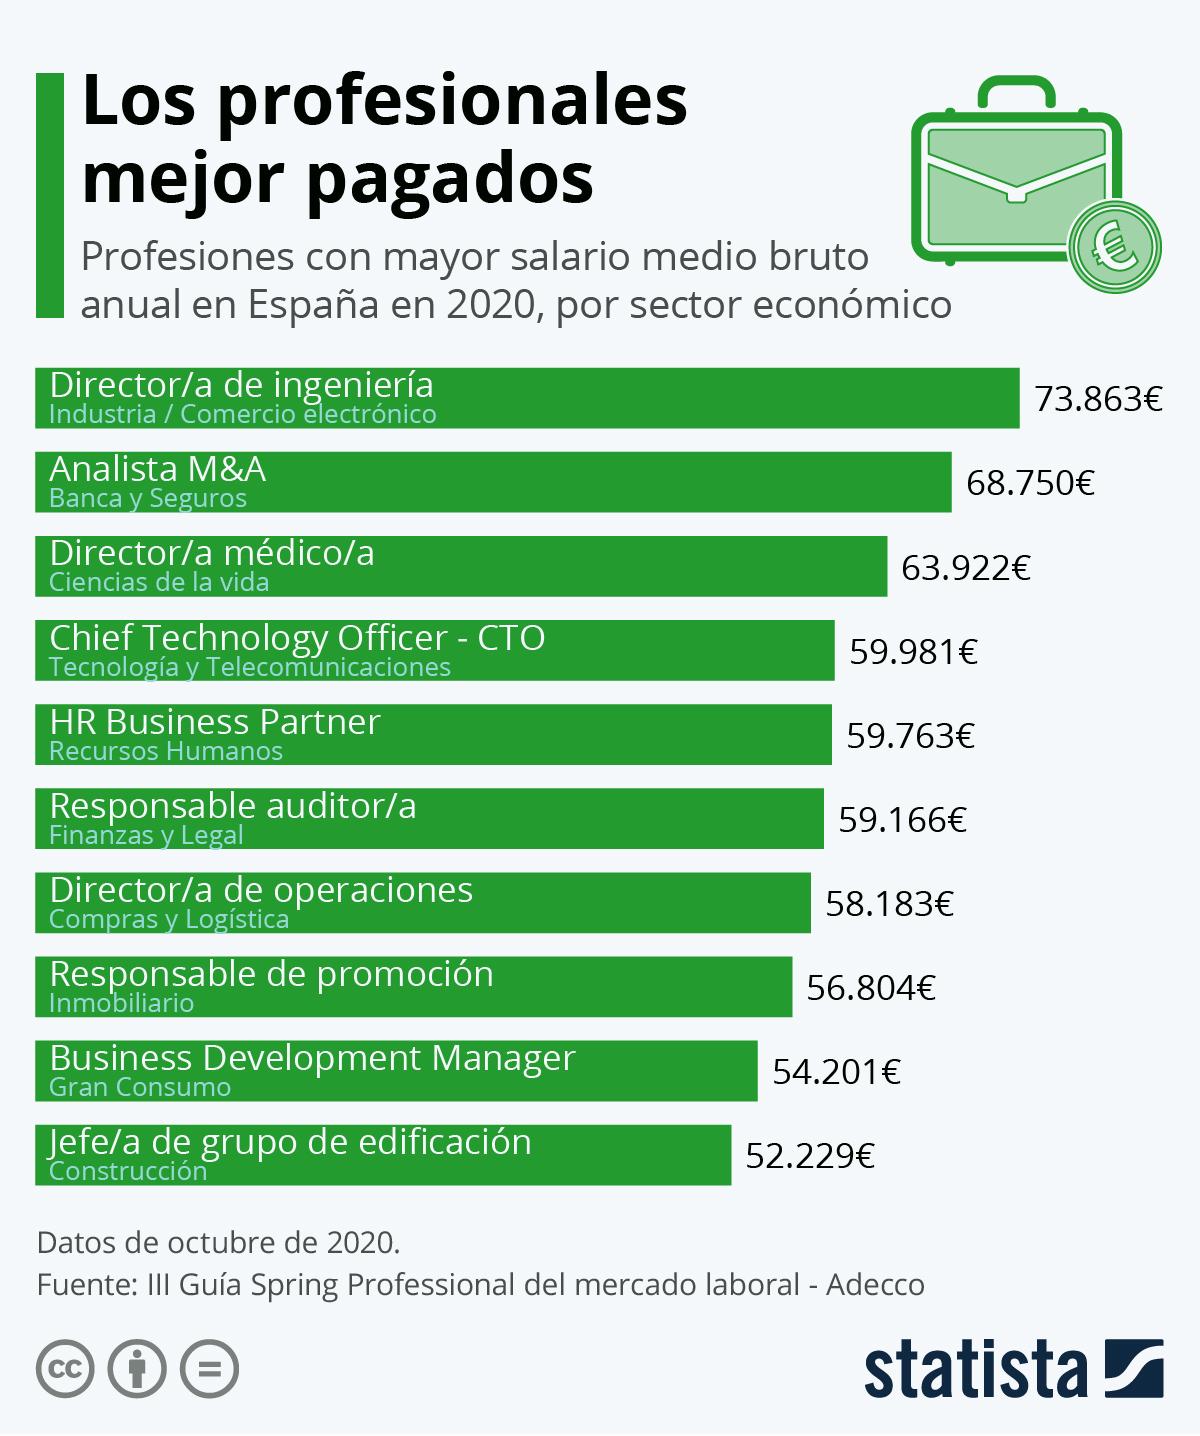 Infografía: Los profesionales con los sueldos más altos | Statista